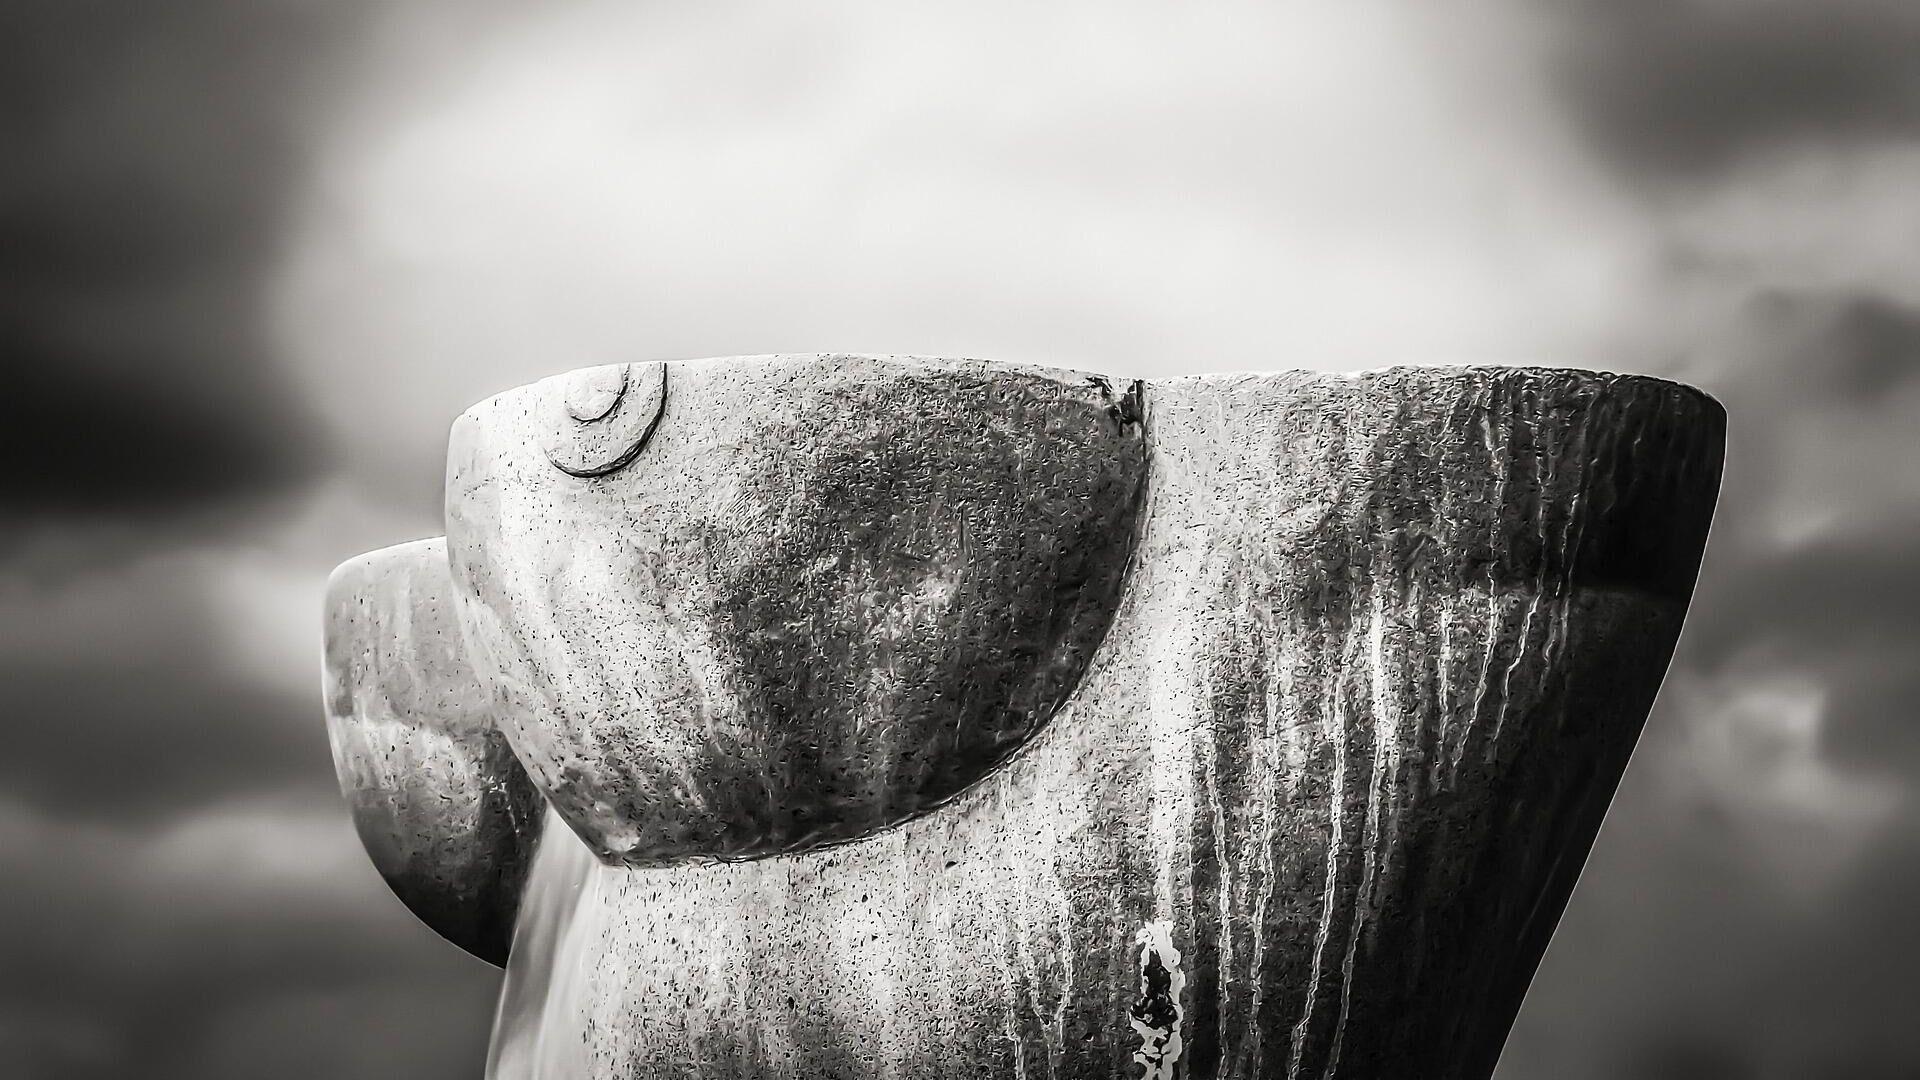 Skulptur (Symbolbild) - SNA, 1920, 21.09.2021